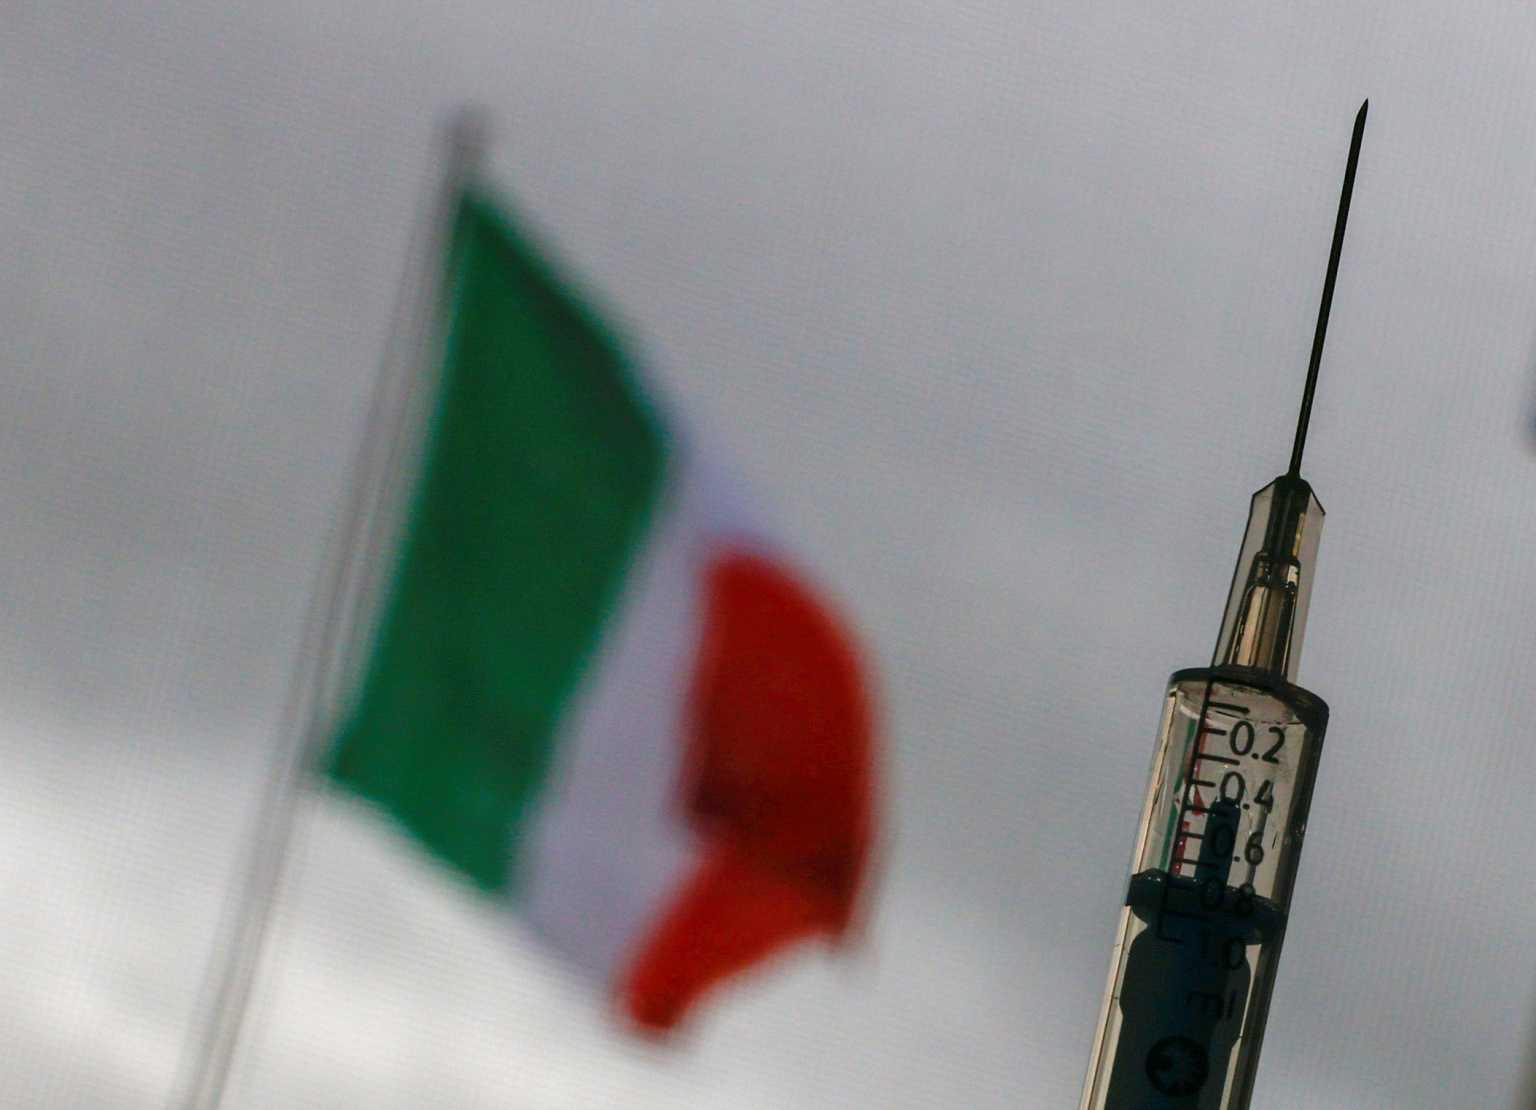 Ιταλία: Έρχεται ειδική εφαρμογή για την επαλήθευση της εγκυρότητας του πράσινου πάσου των εργαζομένων